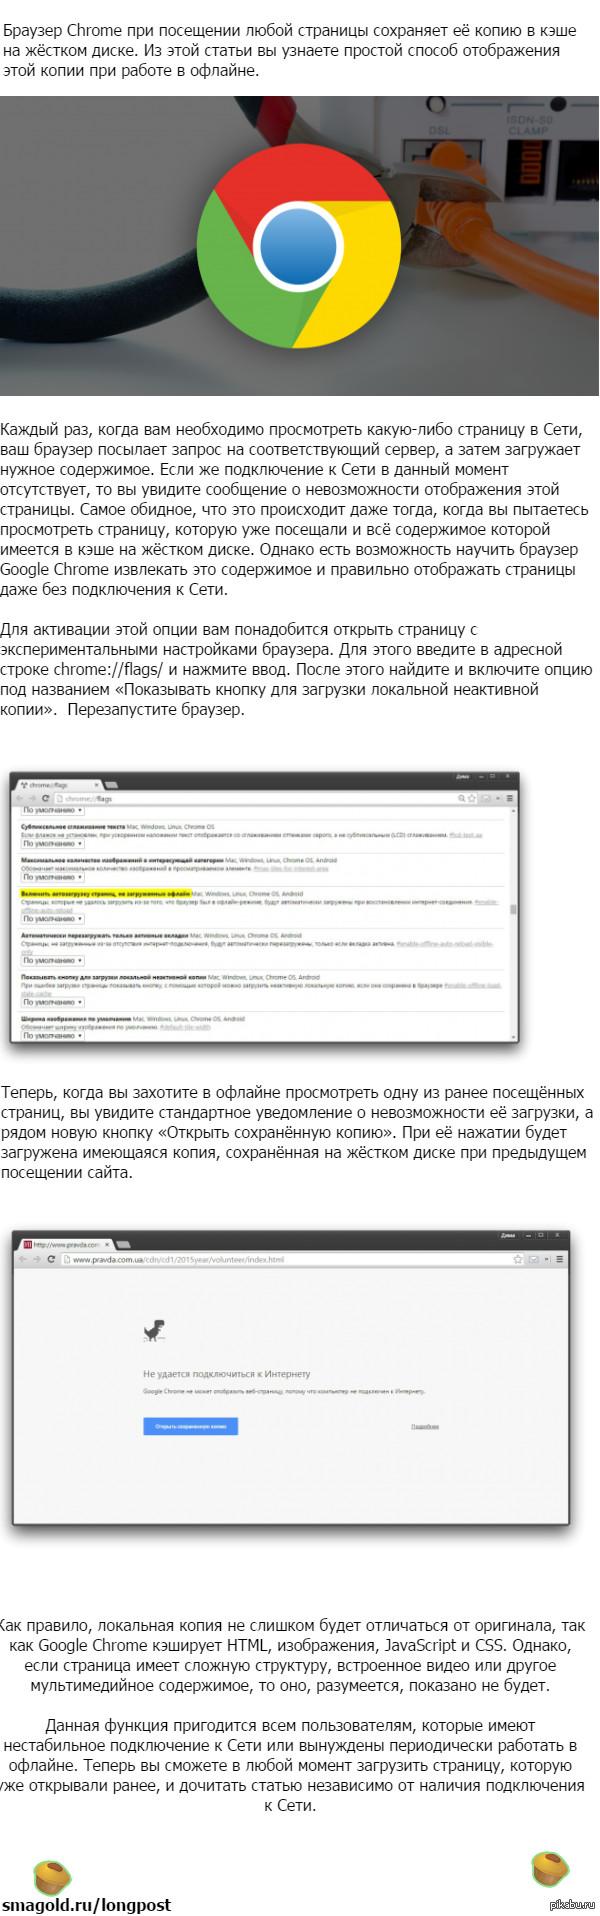 Как просматривать сайты в Google Chrome без подключения к Сети Автор статьи   Дмитрий Горчаков